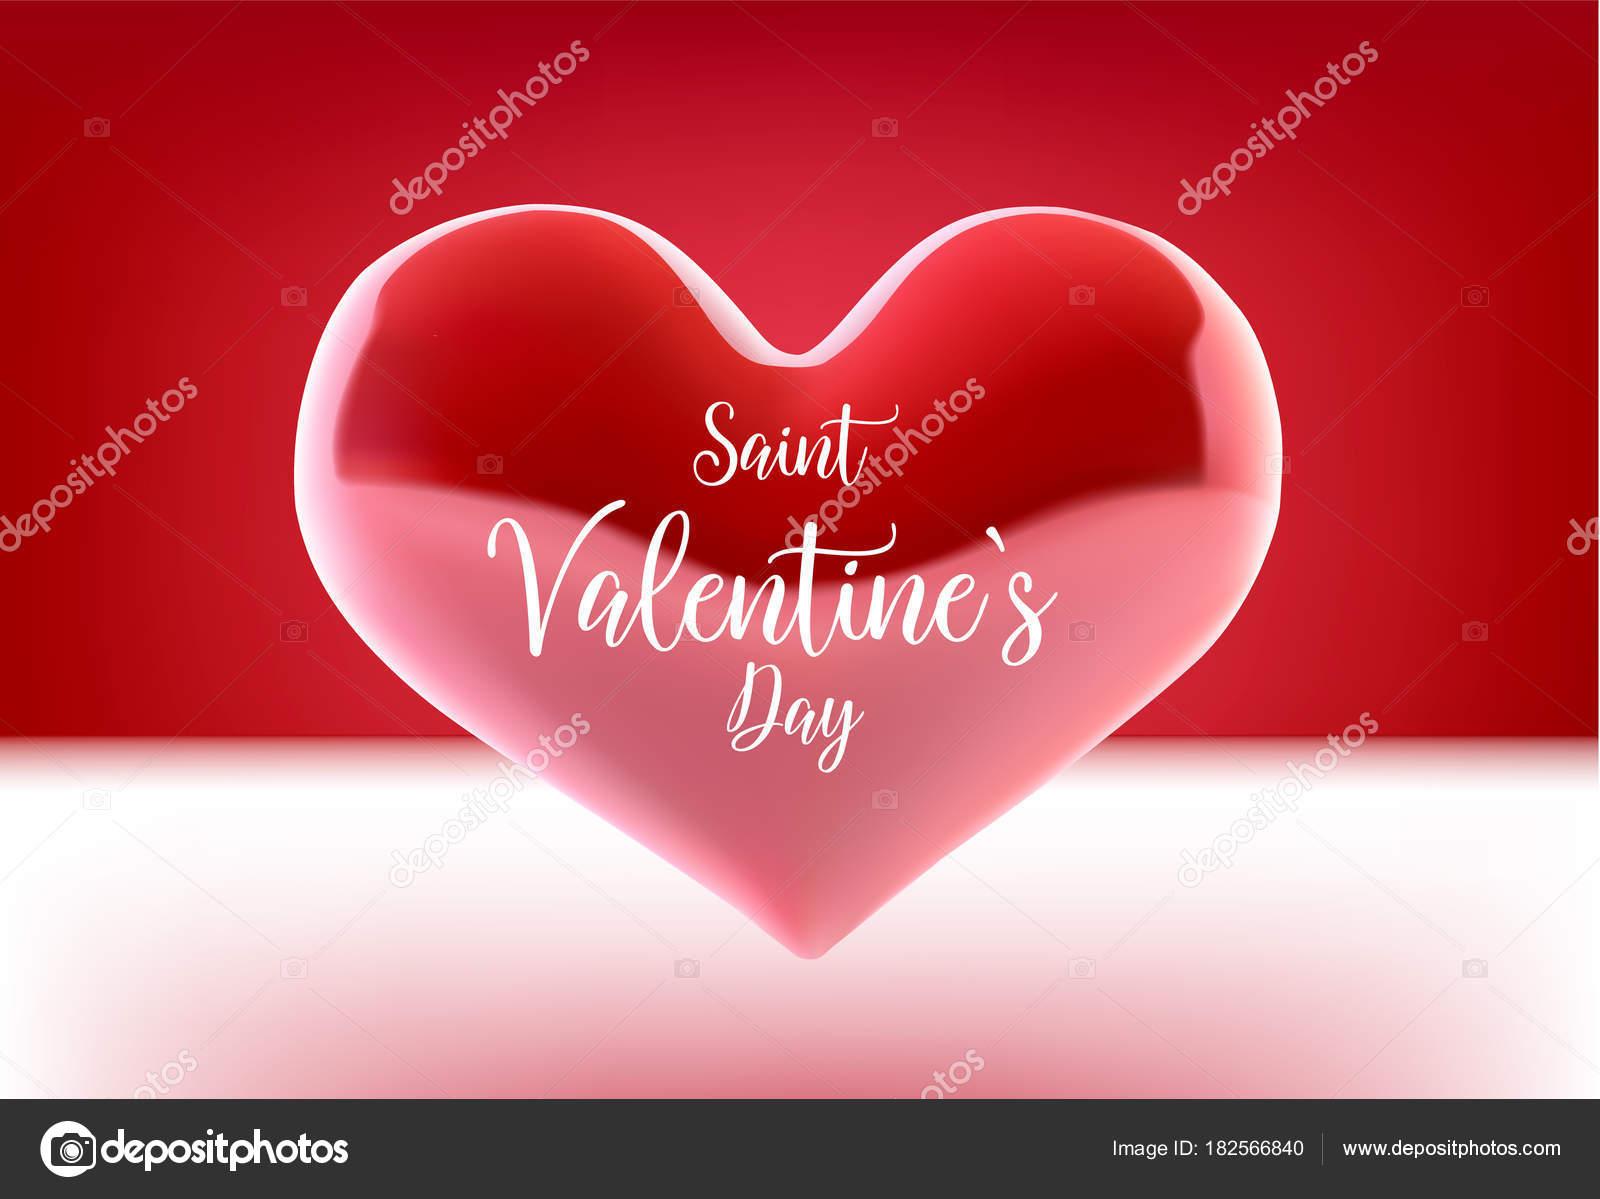 Valentine s Day Konzept. Vektor-Illustration. 3D bunte Herzen mit ...